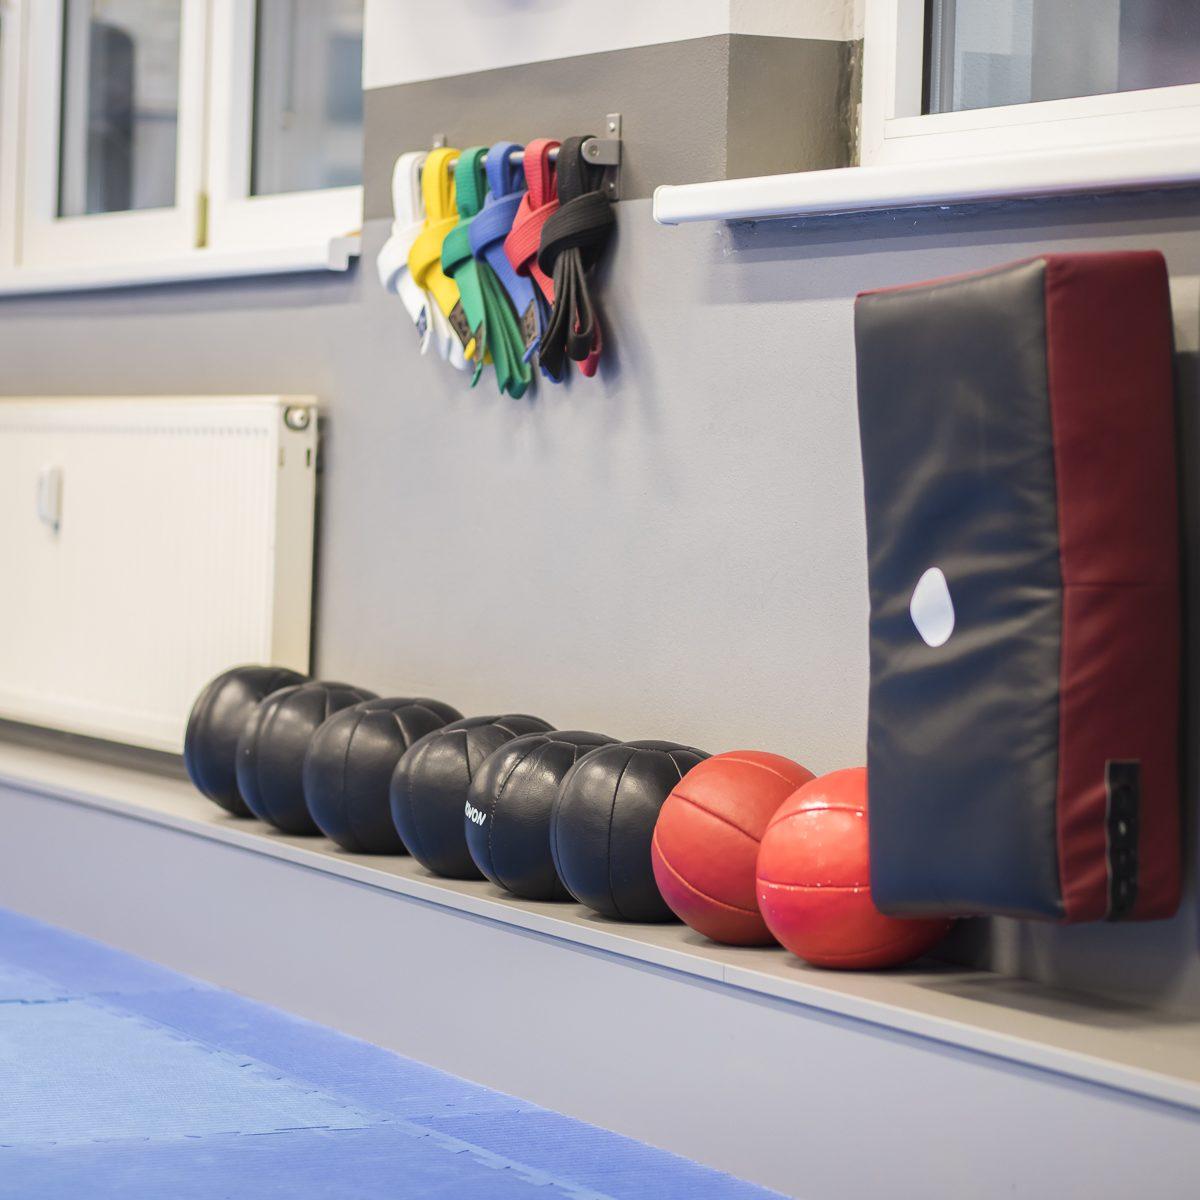 Medizinbälle für funktionelles Training in der Kampfsportschule Jena - BUDOSPORT.CLUB